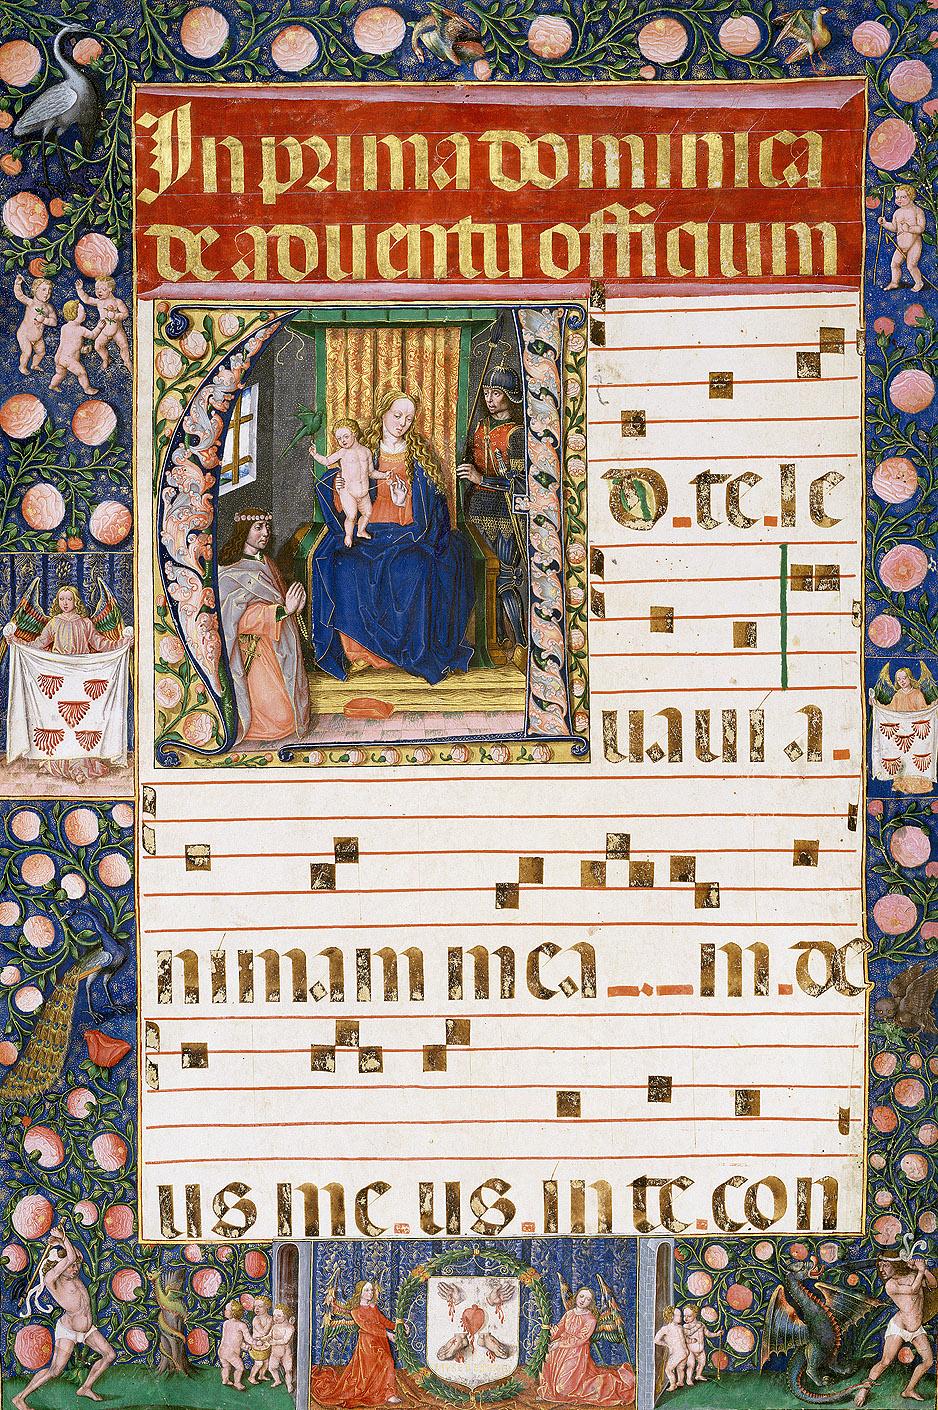 Pedro de Palma: Libro de coro, Ms. M887-1, s/f, 1512-1521. Pierpont Morgan Library, Nueva York.